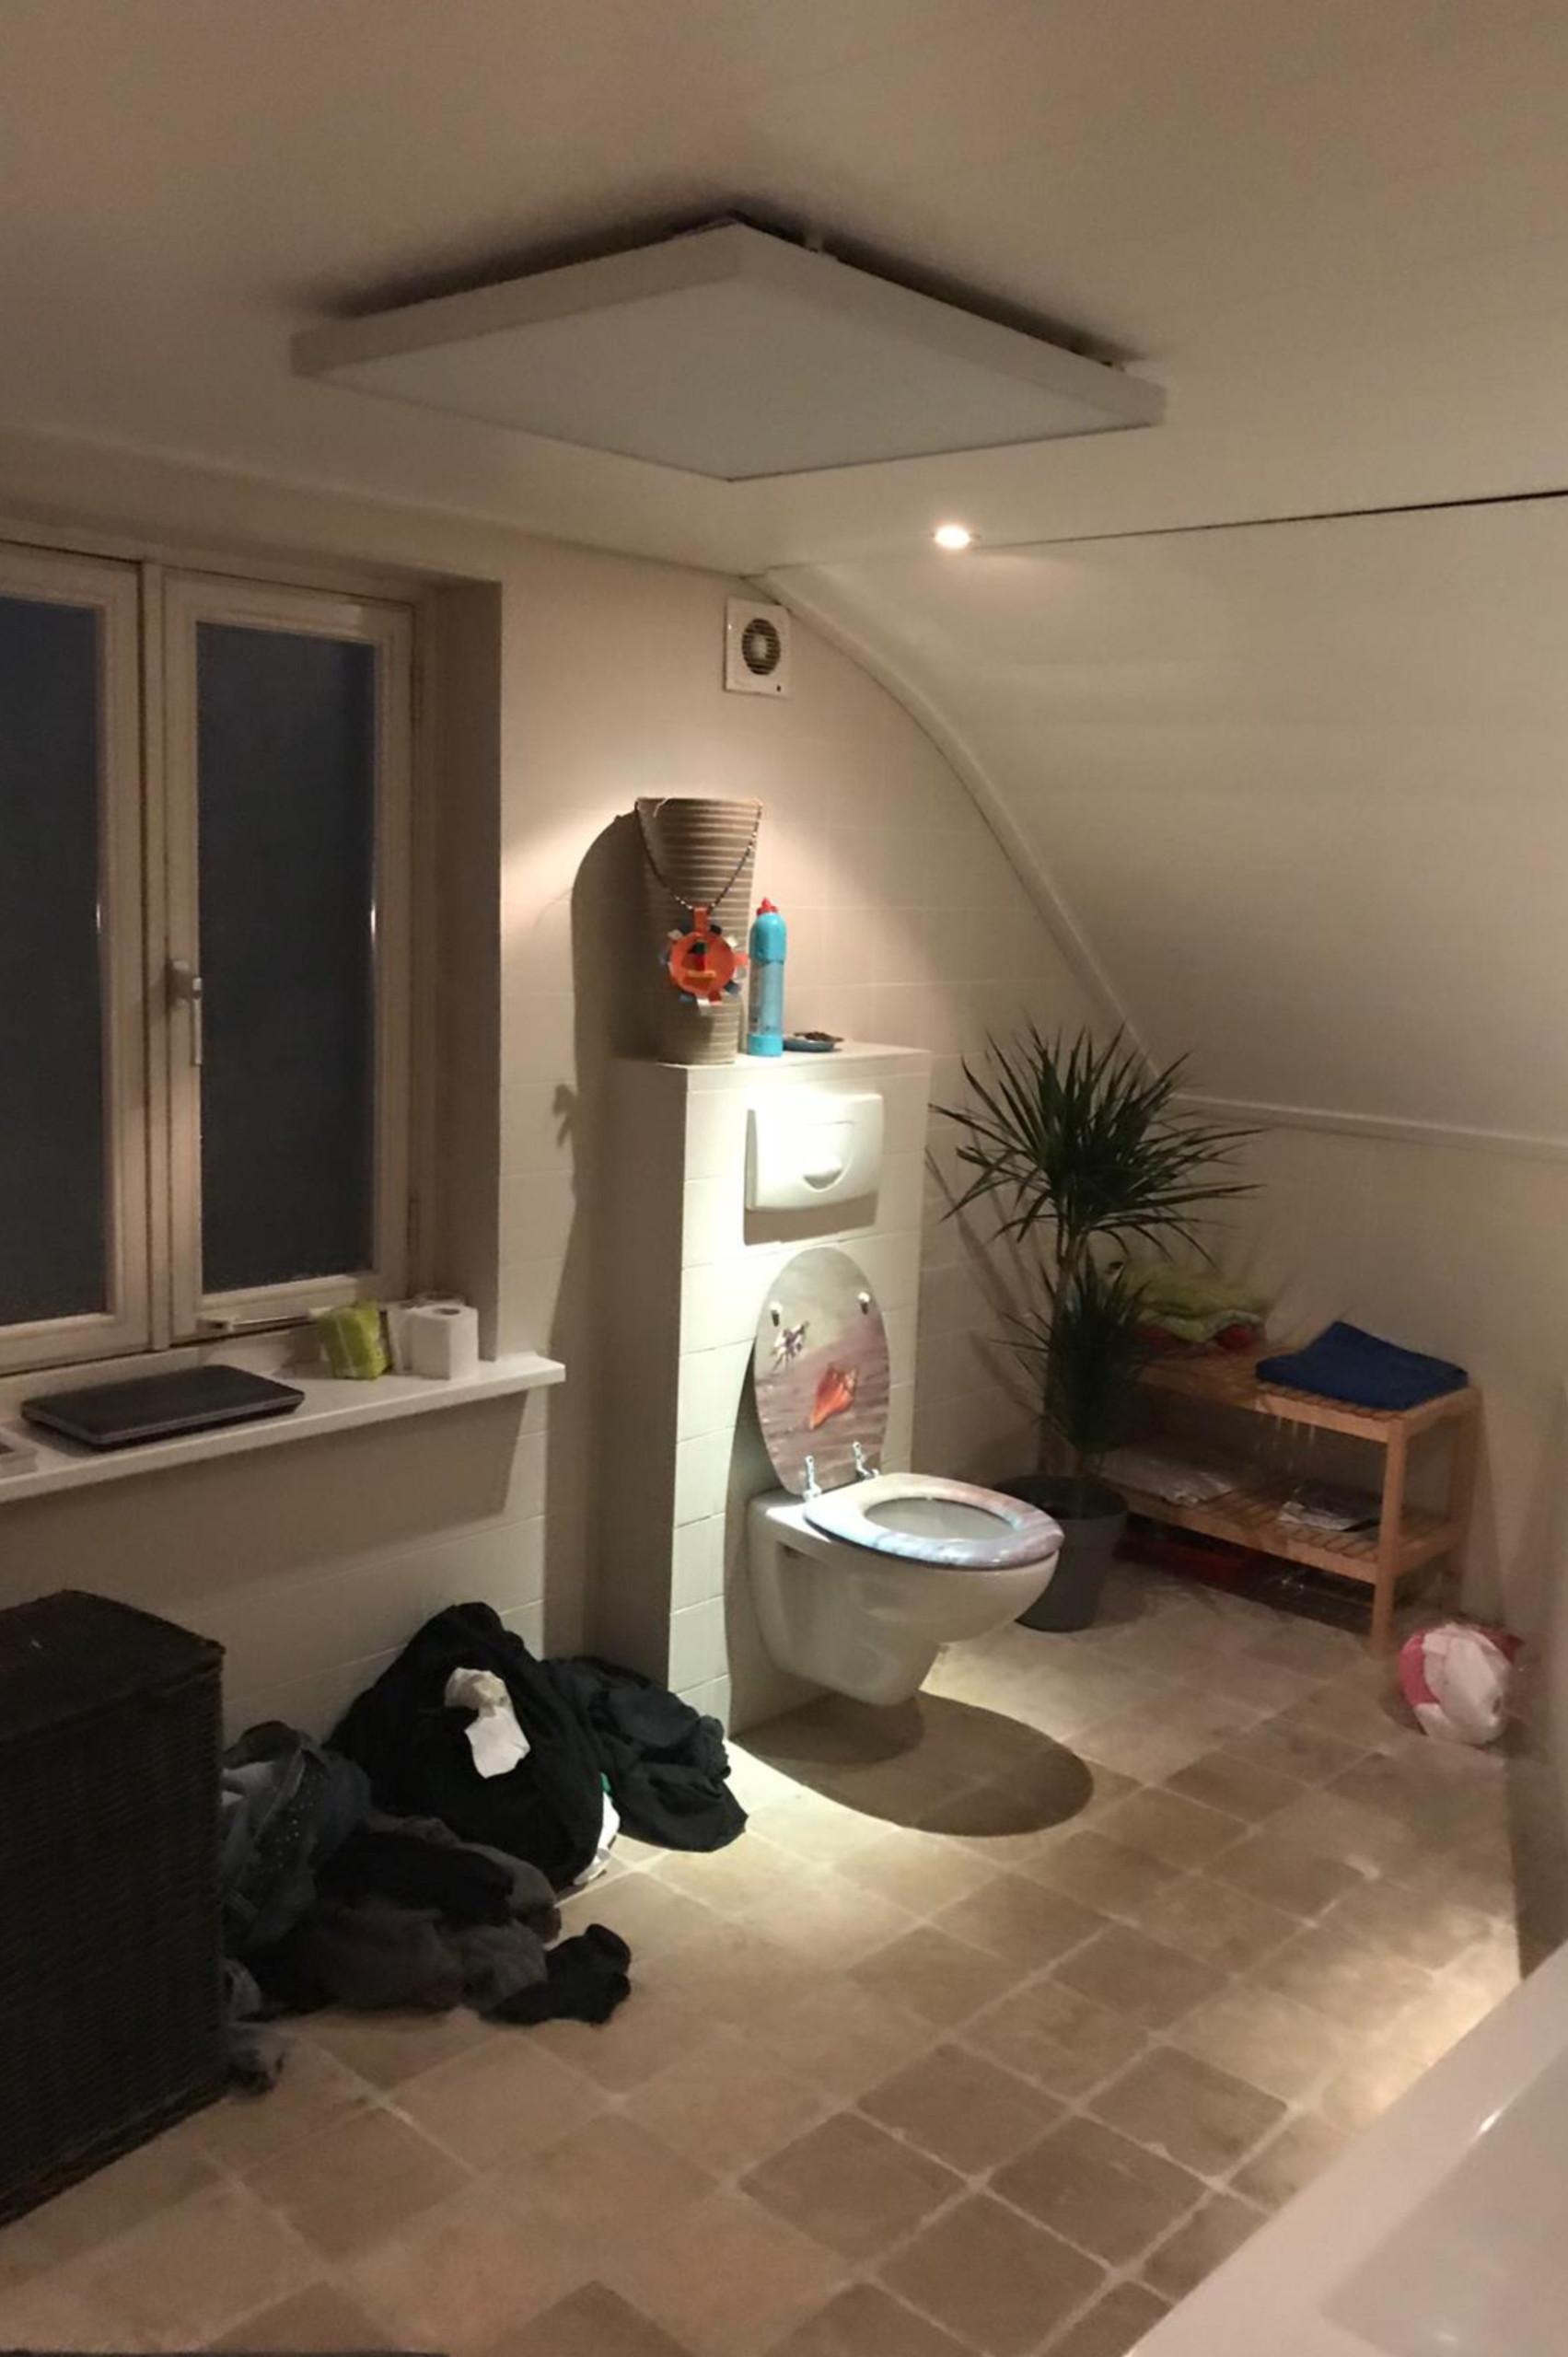 Infrarood verwarming in de badkamer